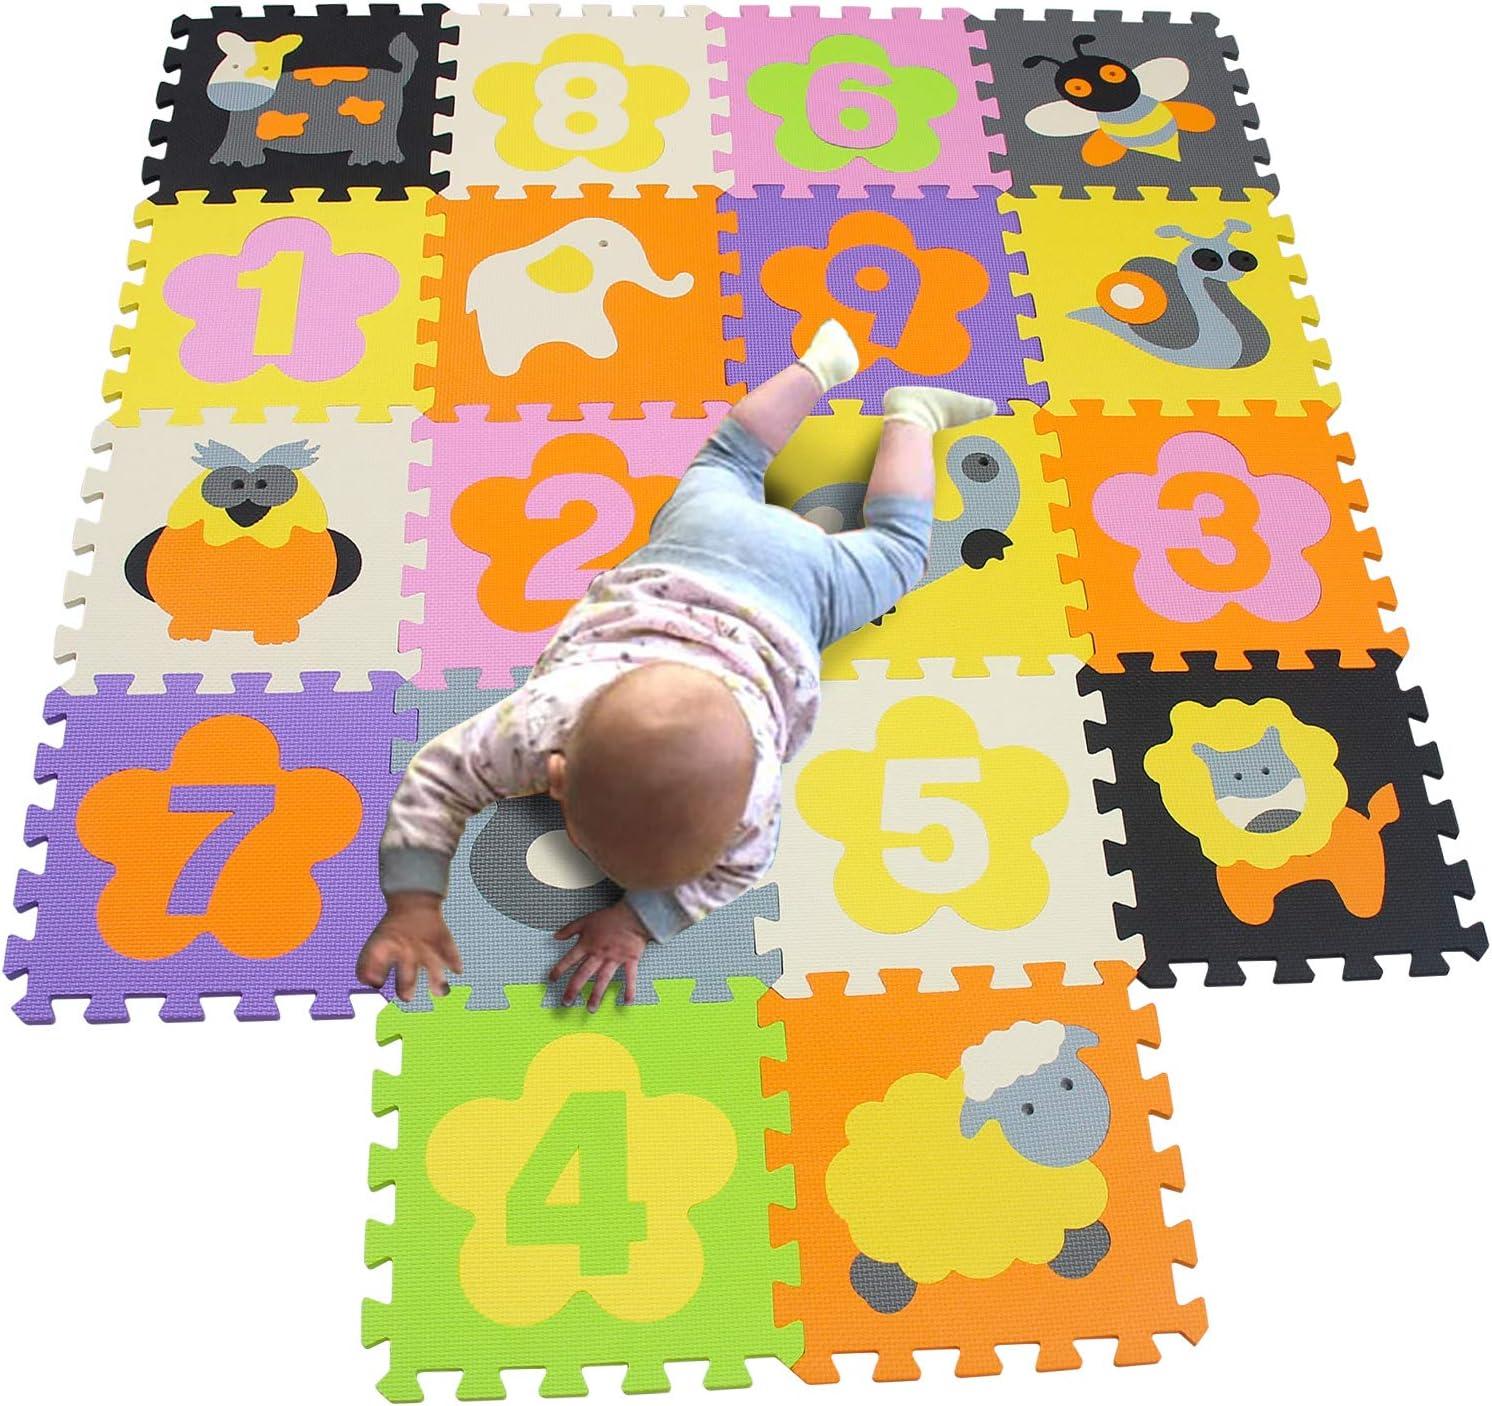 MQIAOHAM alfombra infantil puzzle bebe suelo goma eva parque juego ni/ños foam colchoneta bebes juegos manta para alfombras infantiles zona acolchado juguetes P011CS9G300918